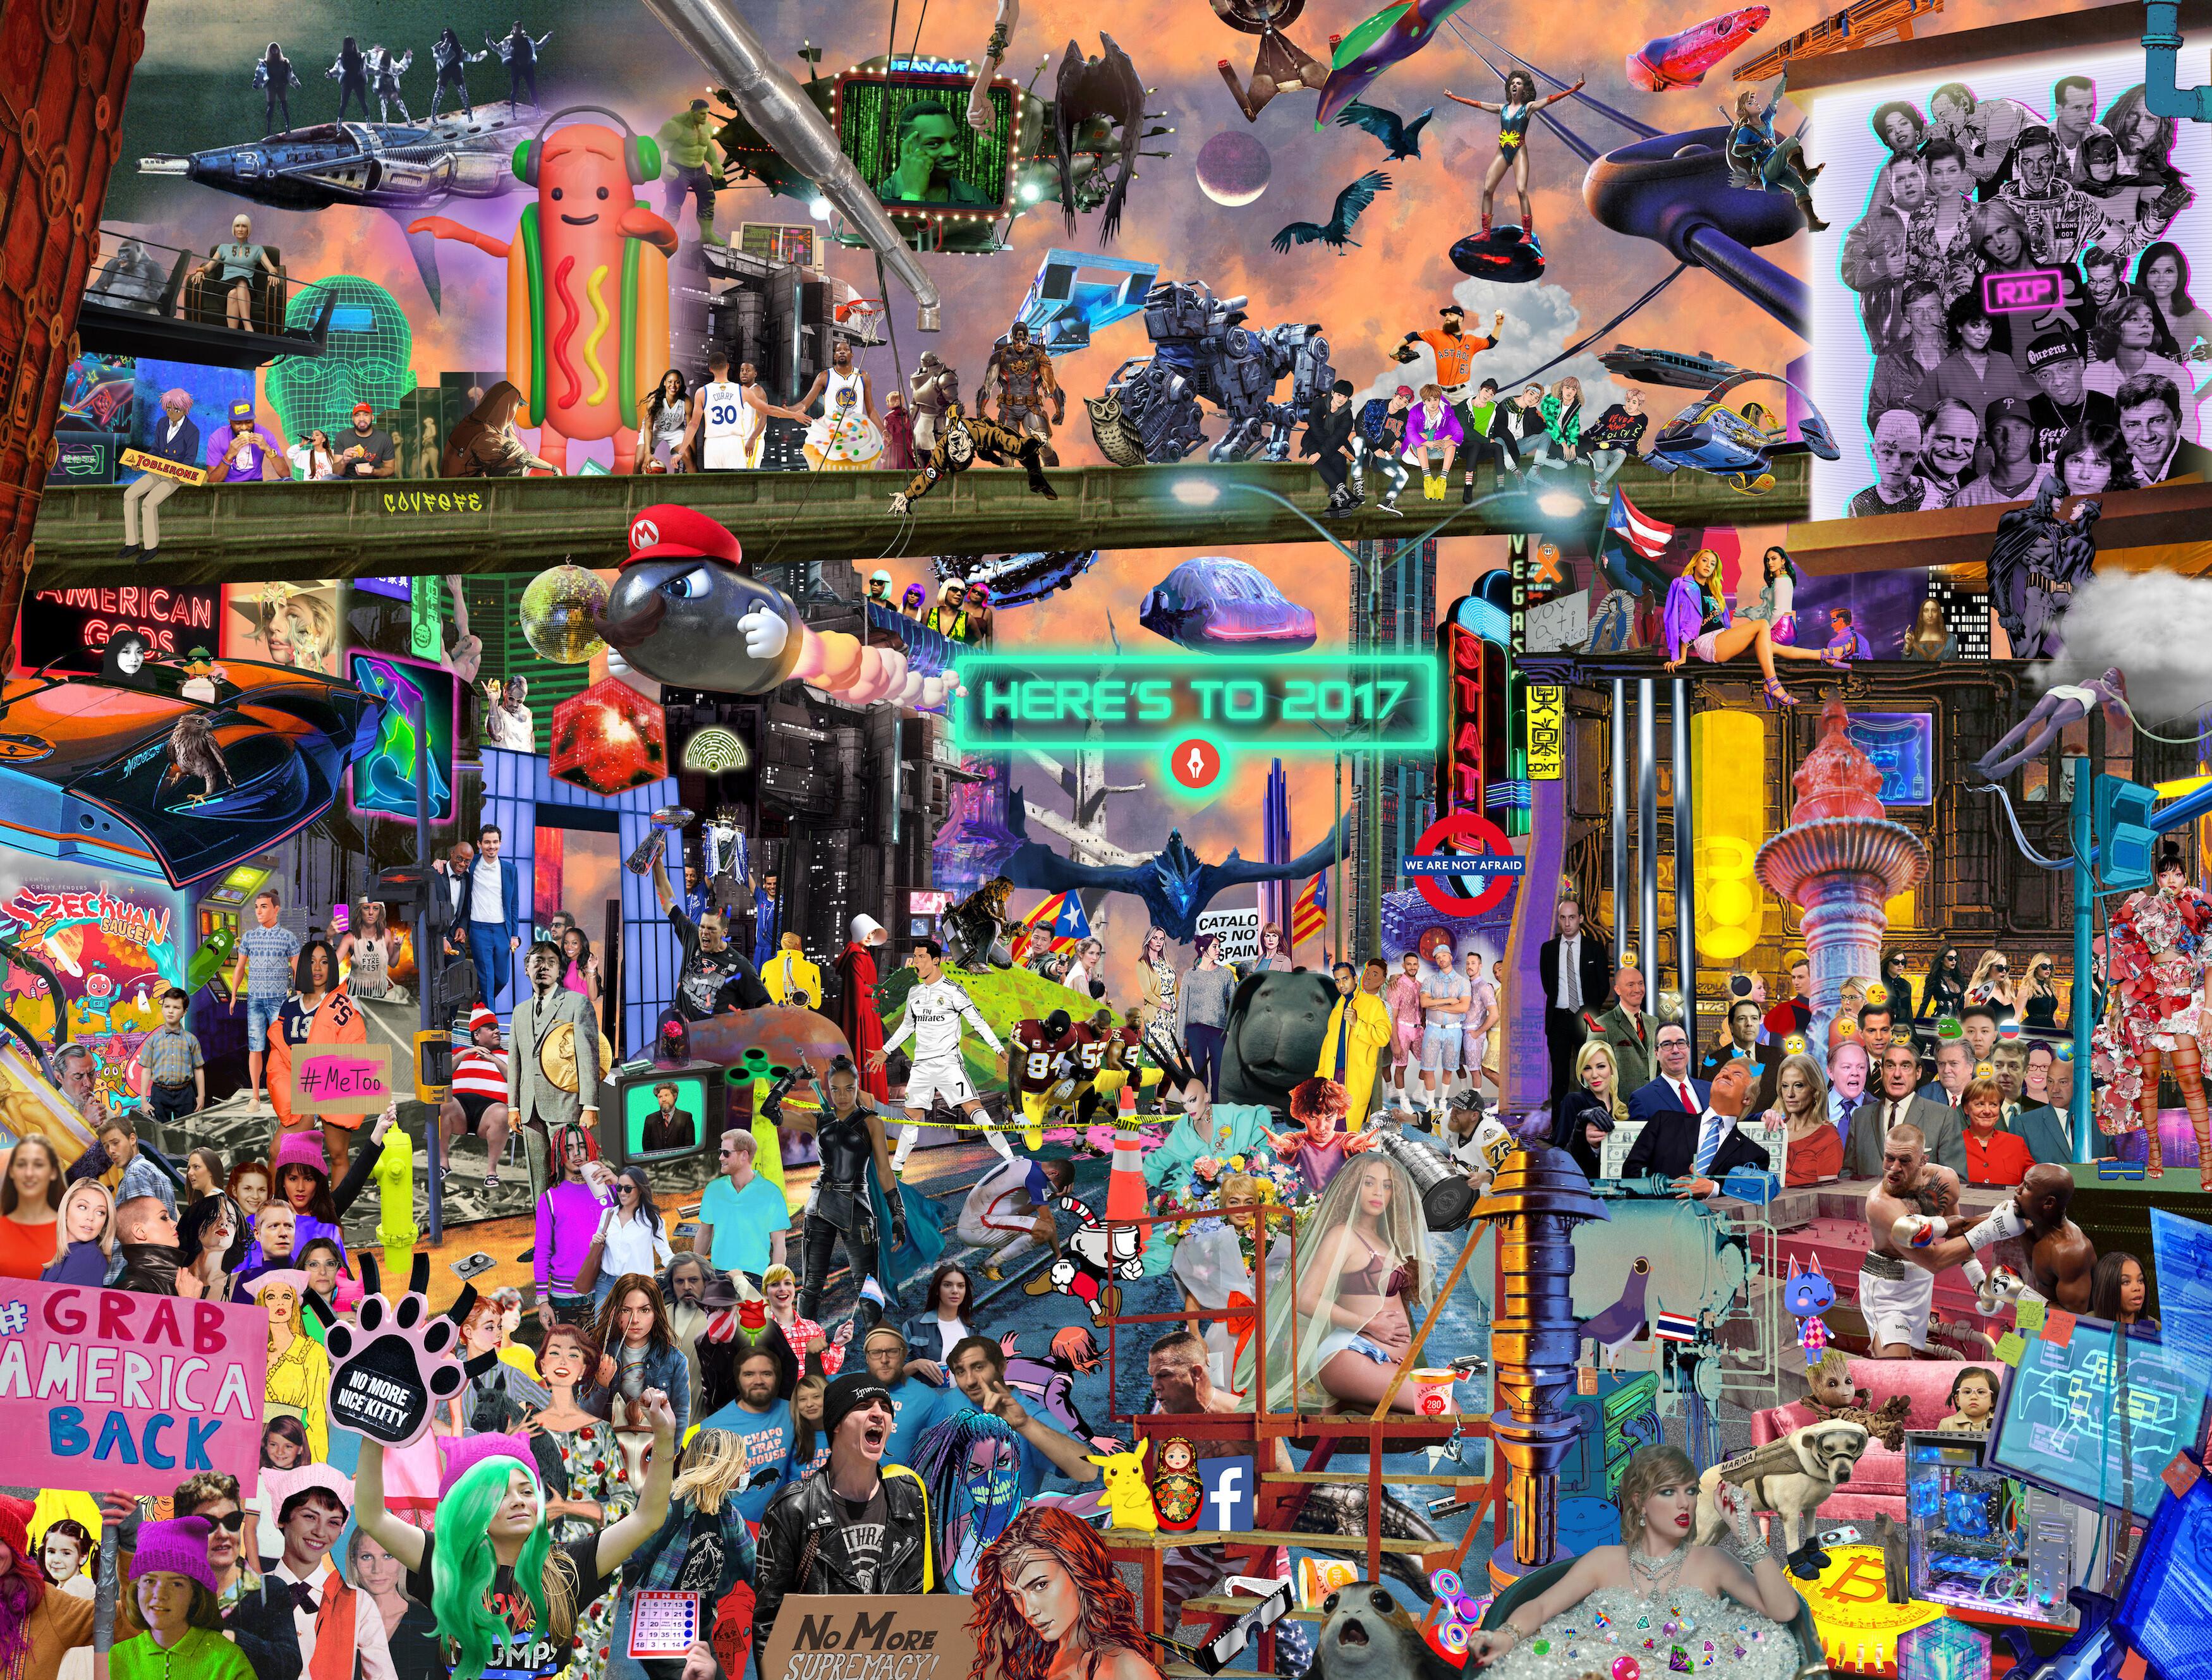 Дизайнер изобразила главные мировые события 2017 года на одной картинке